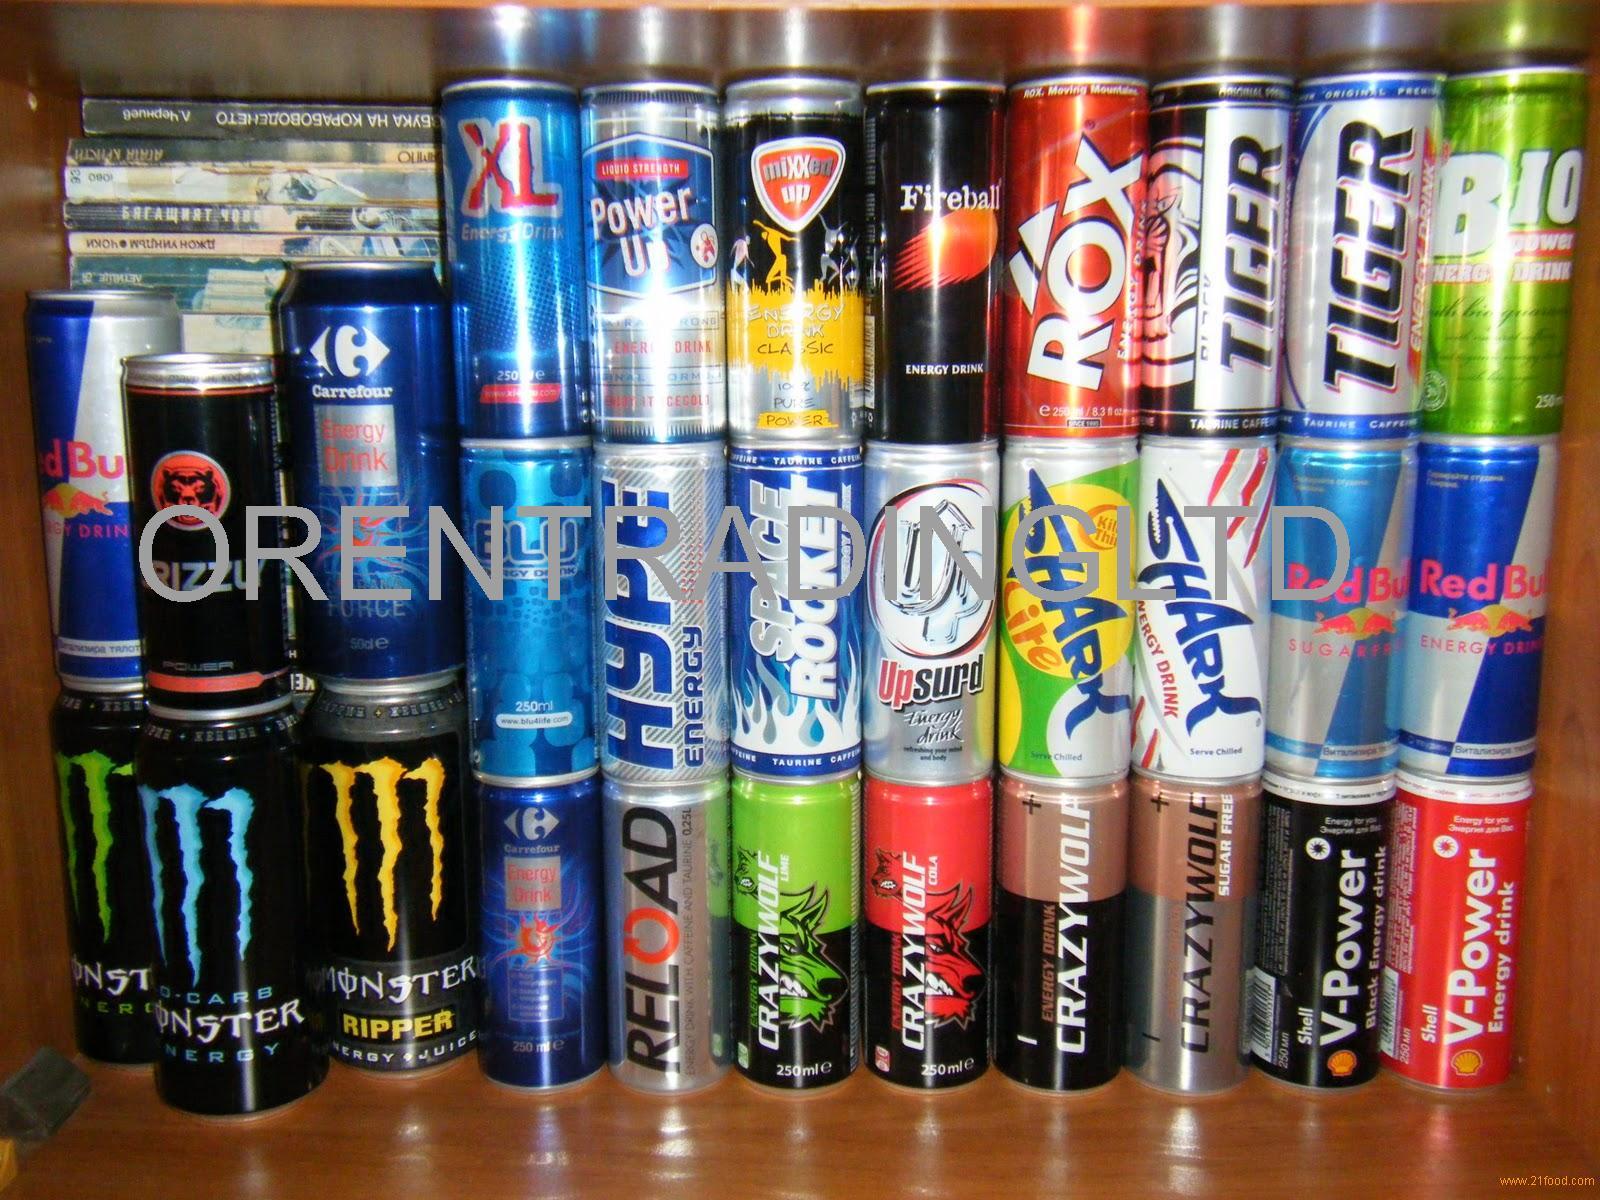 Austrian origin Red-Bull Energy drink for sale